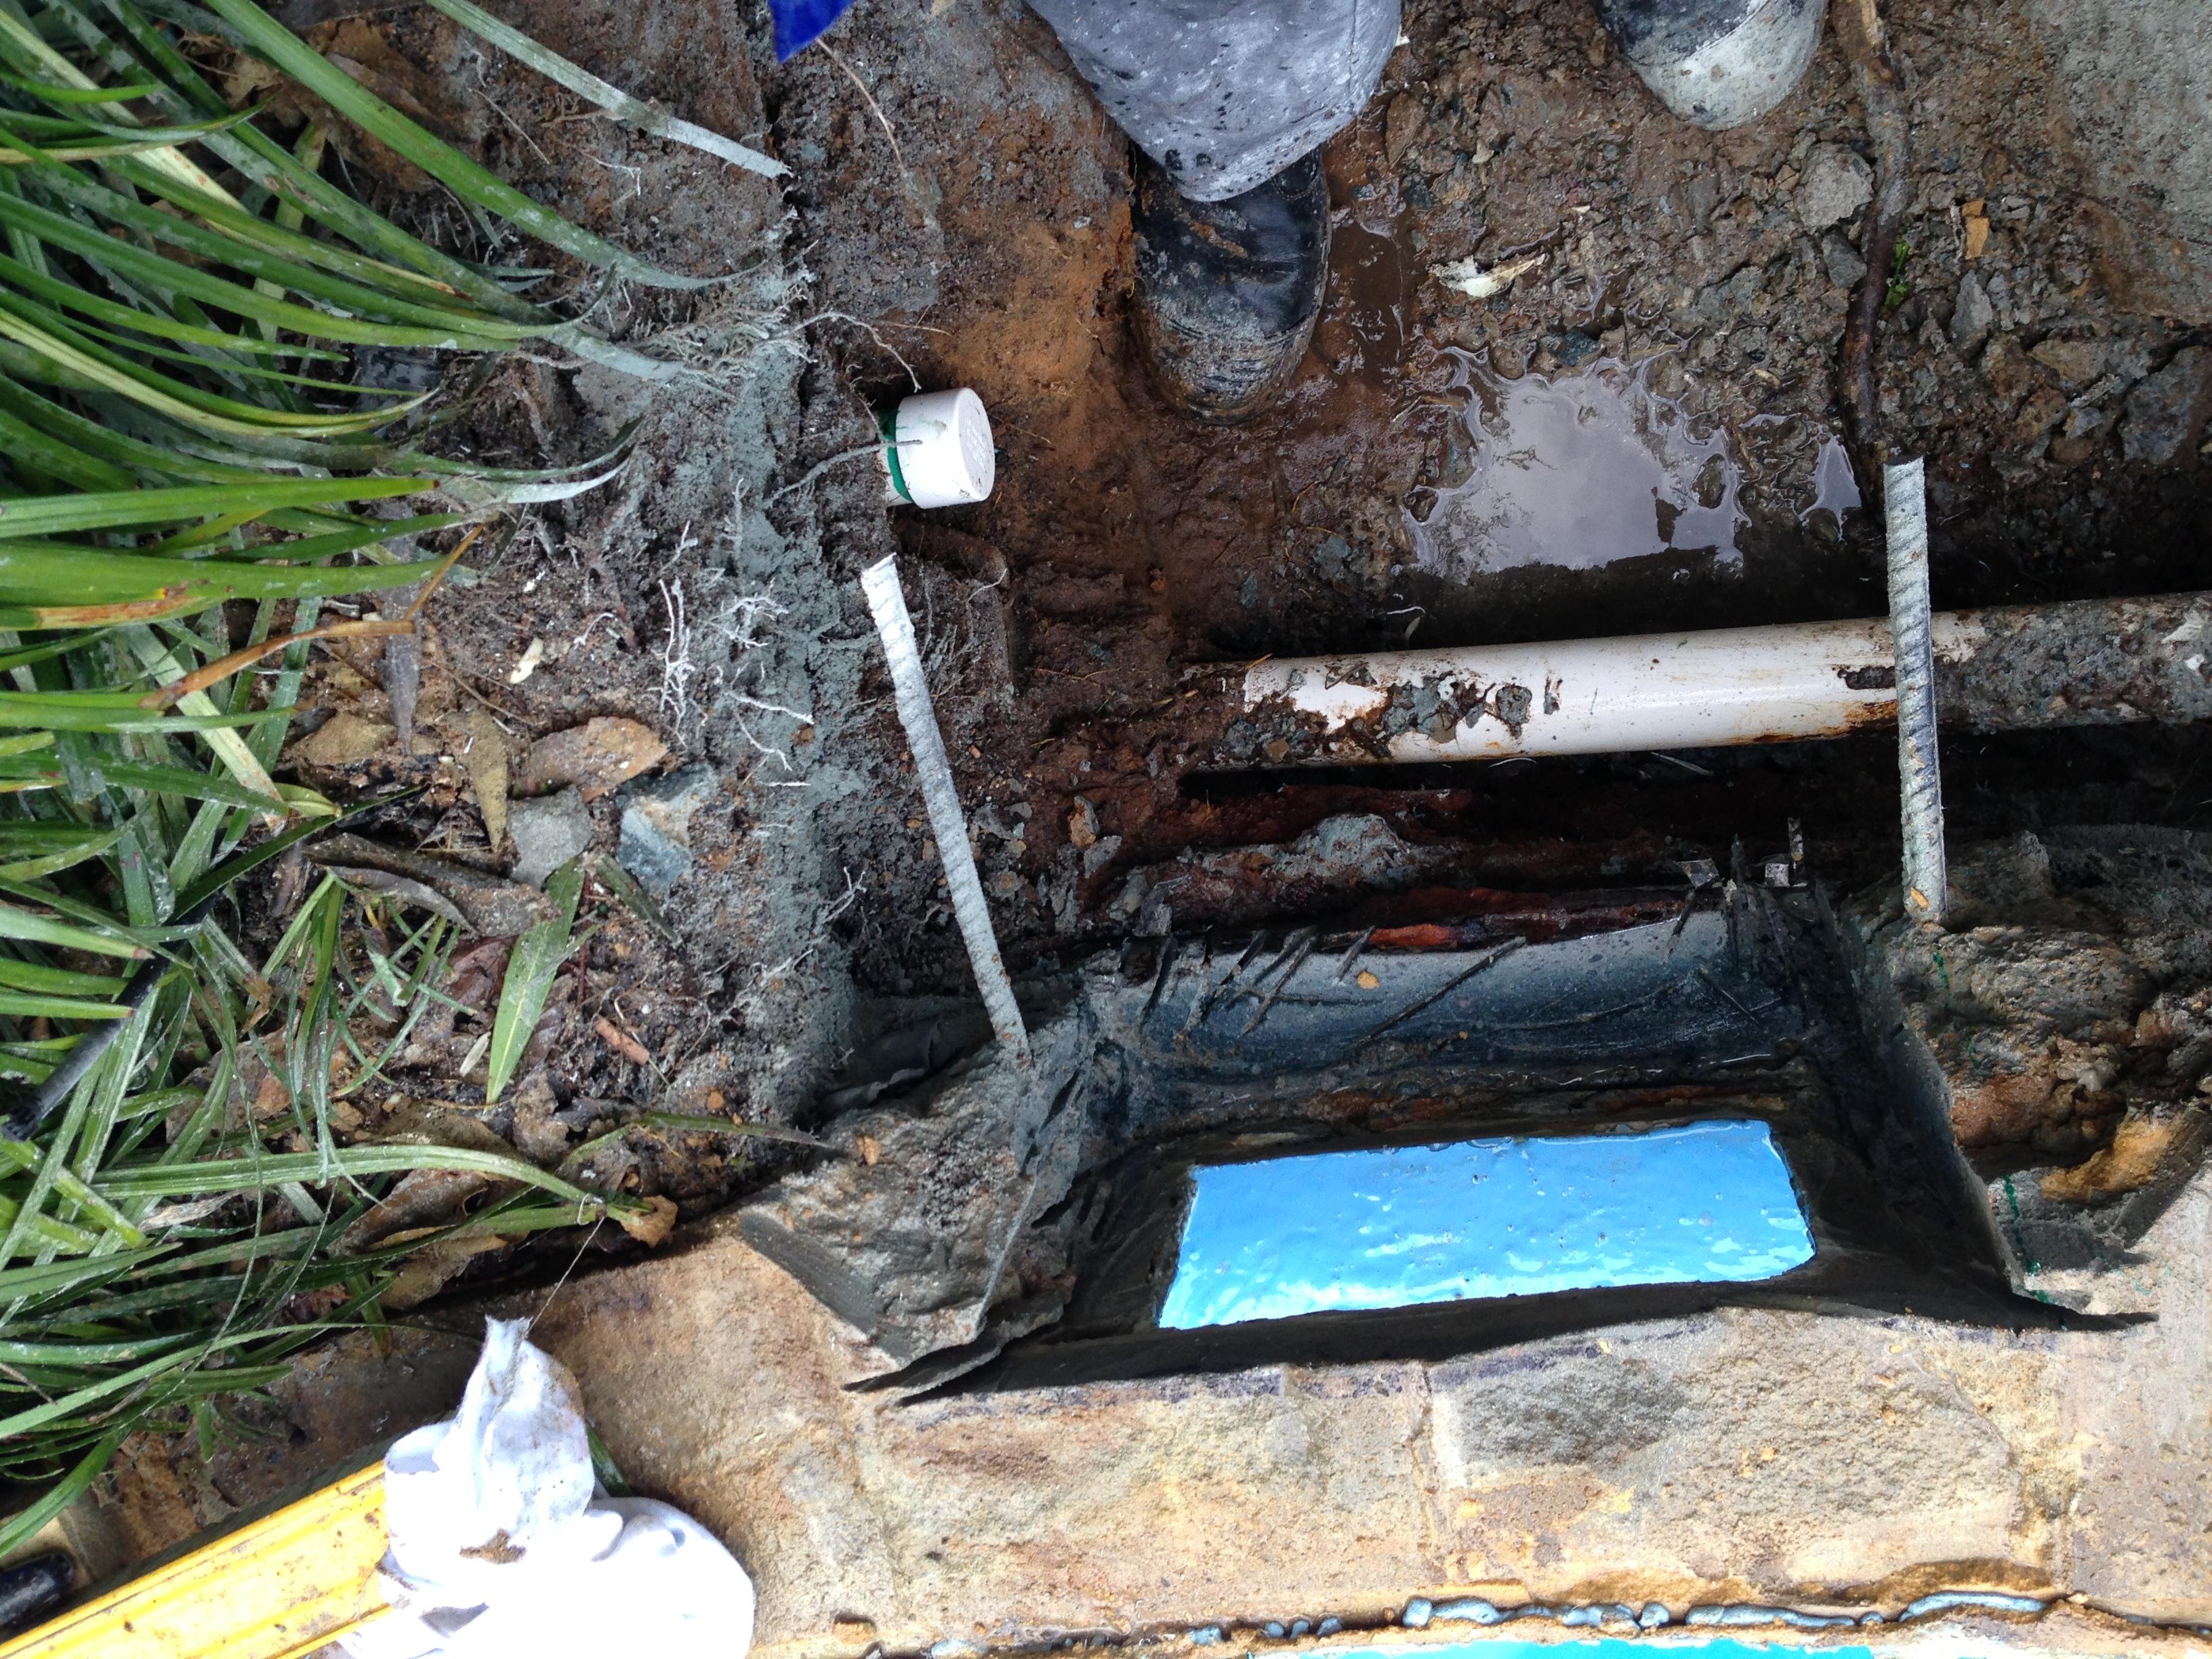 Pool Pipe Work Replacement Pool Repairs Perth Wa